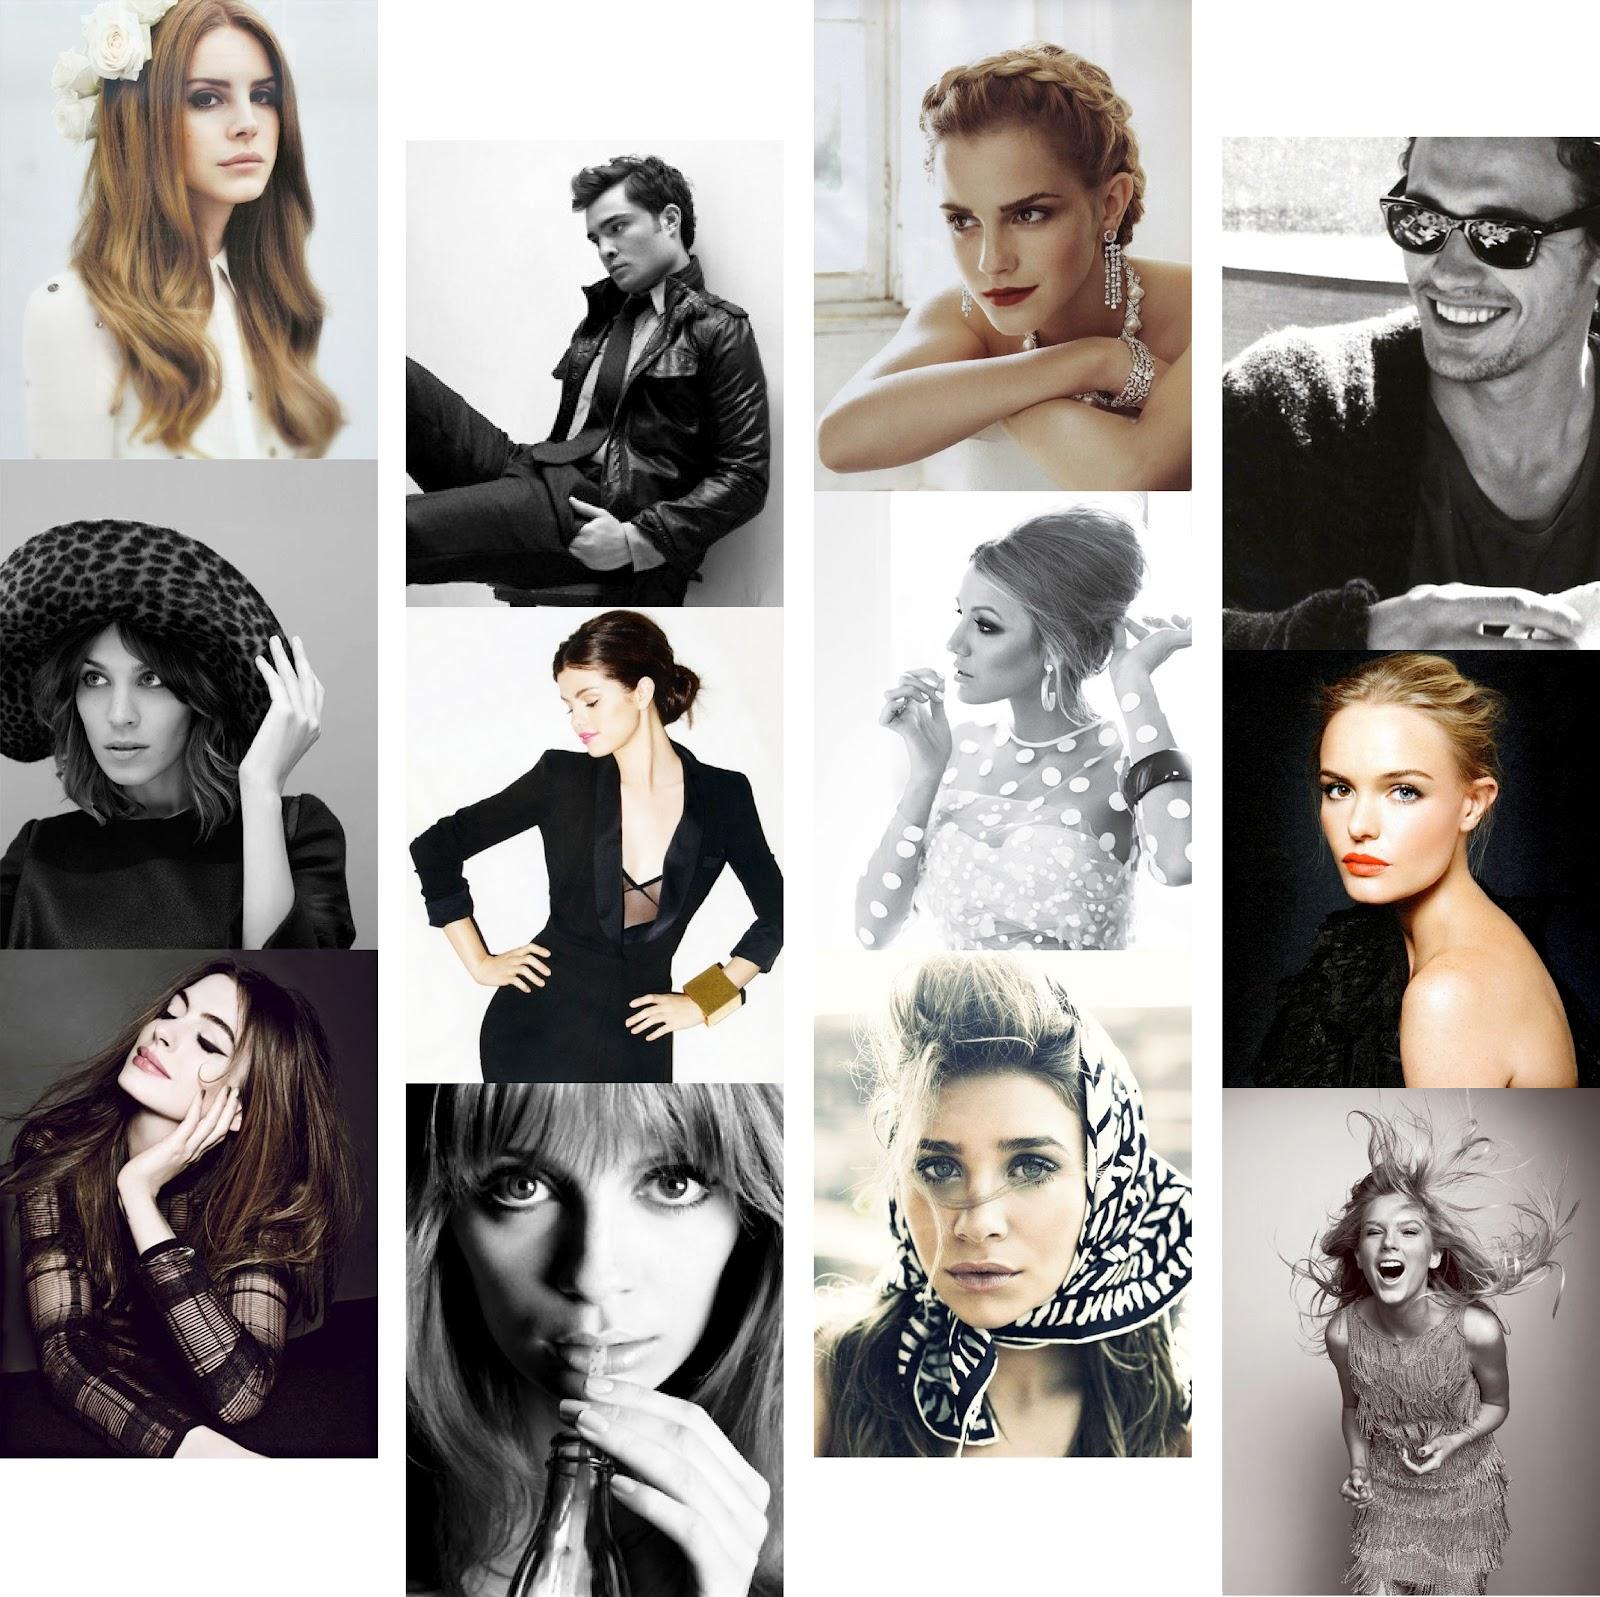 http://1.bp.blogspot.com/-Clh7tomBzlg/UDV_IIHDTXI/AAAAAAAAA5o/pZV_SV6DO3k/s1600/celebrity+2.jpg